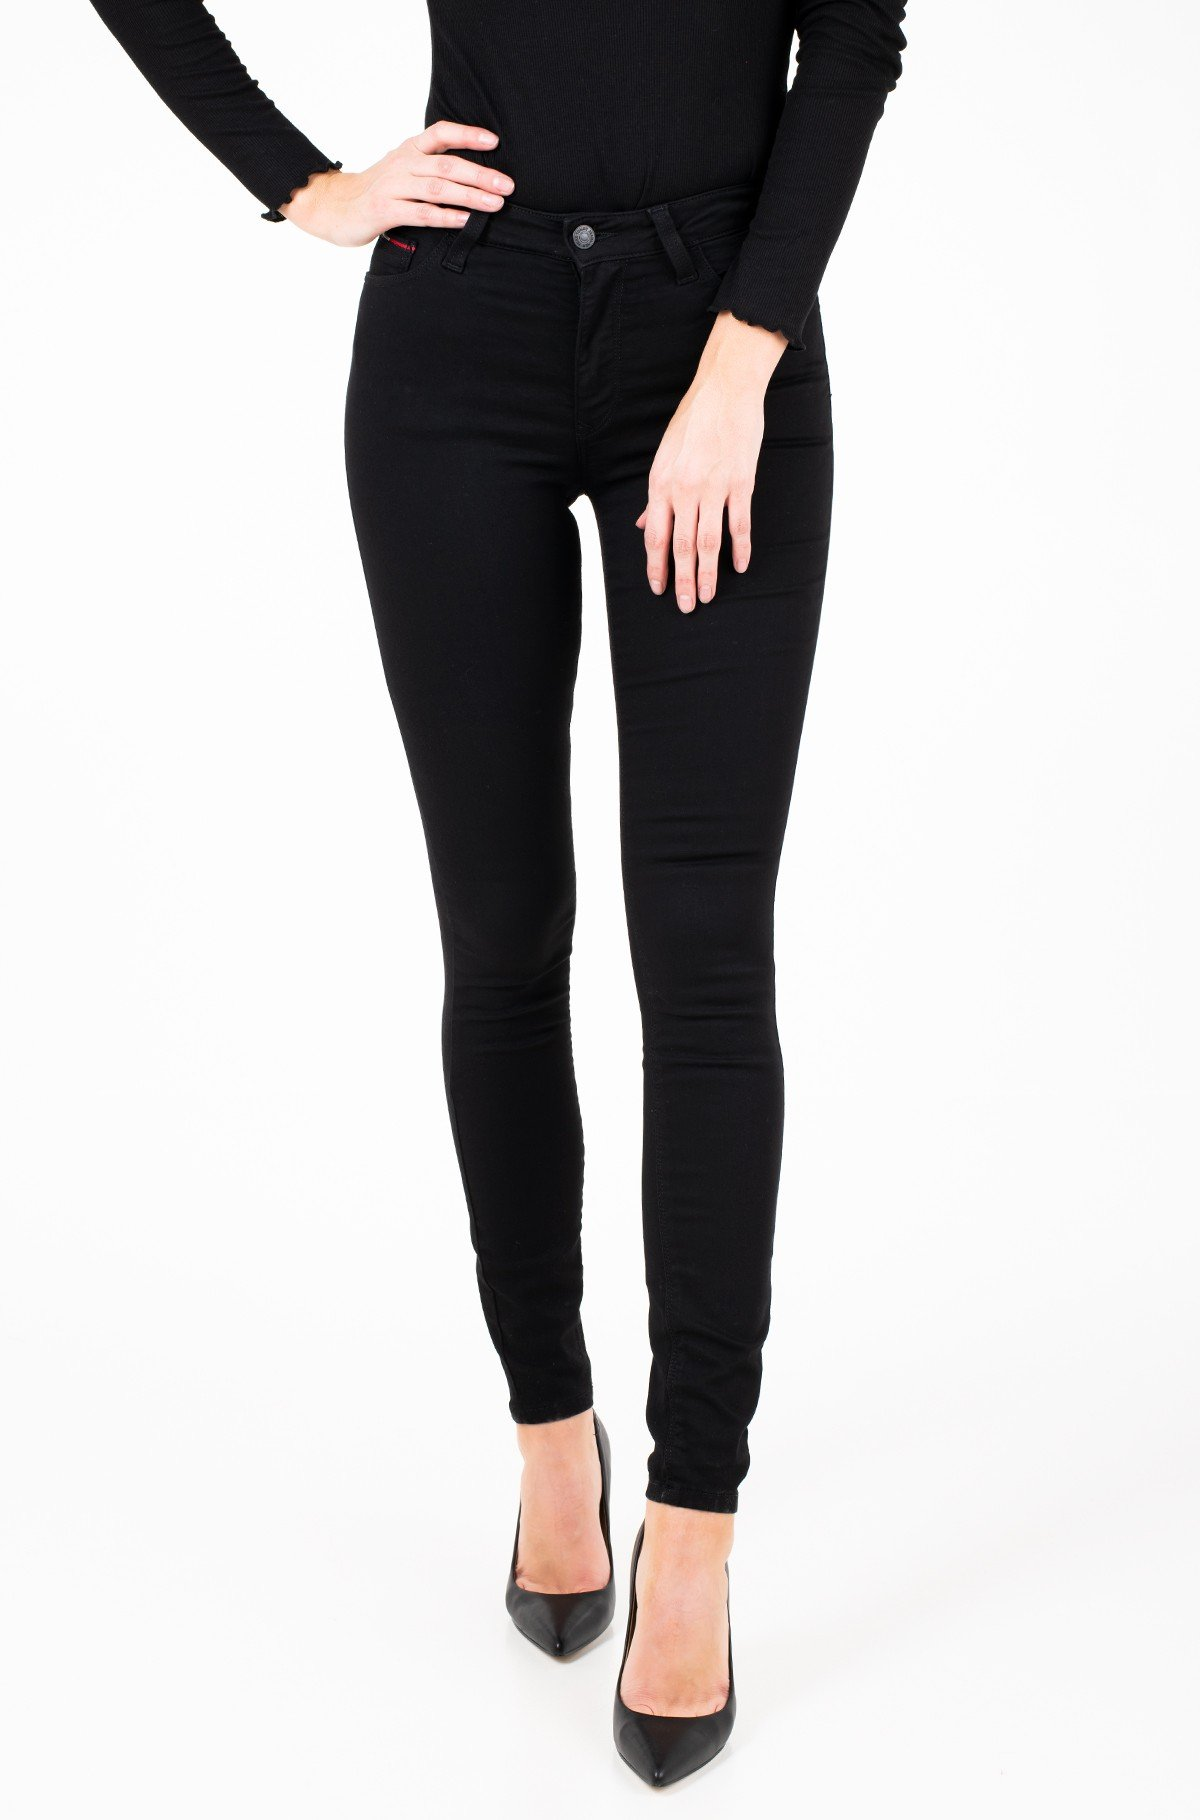 Jeans HIGH RISE SKINNY SANTANA DNBST-full-1